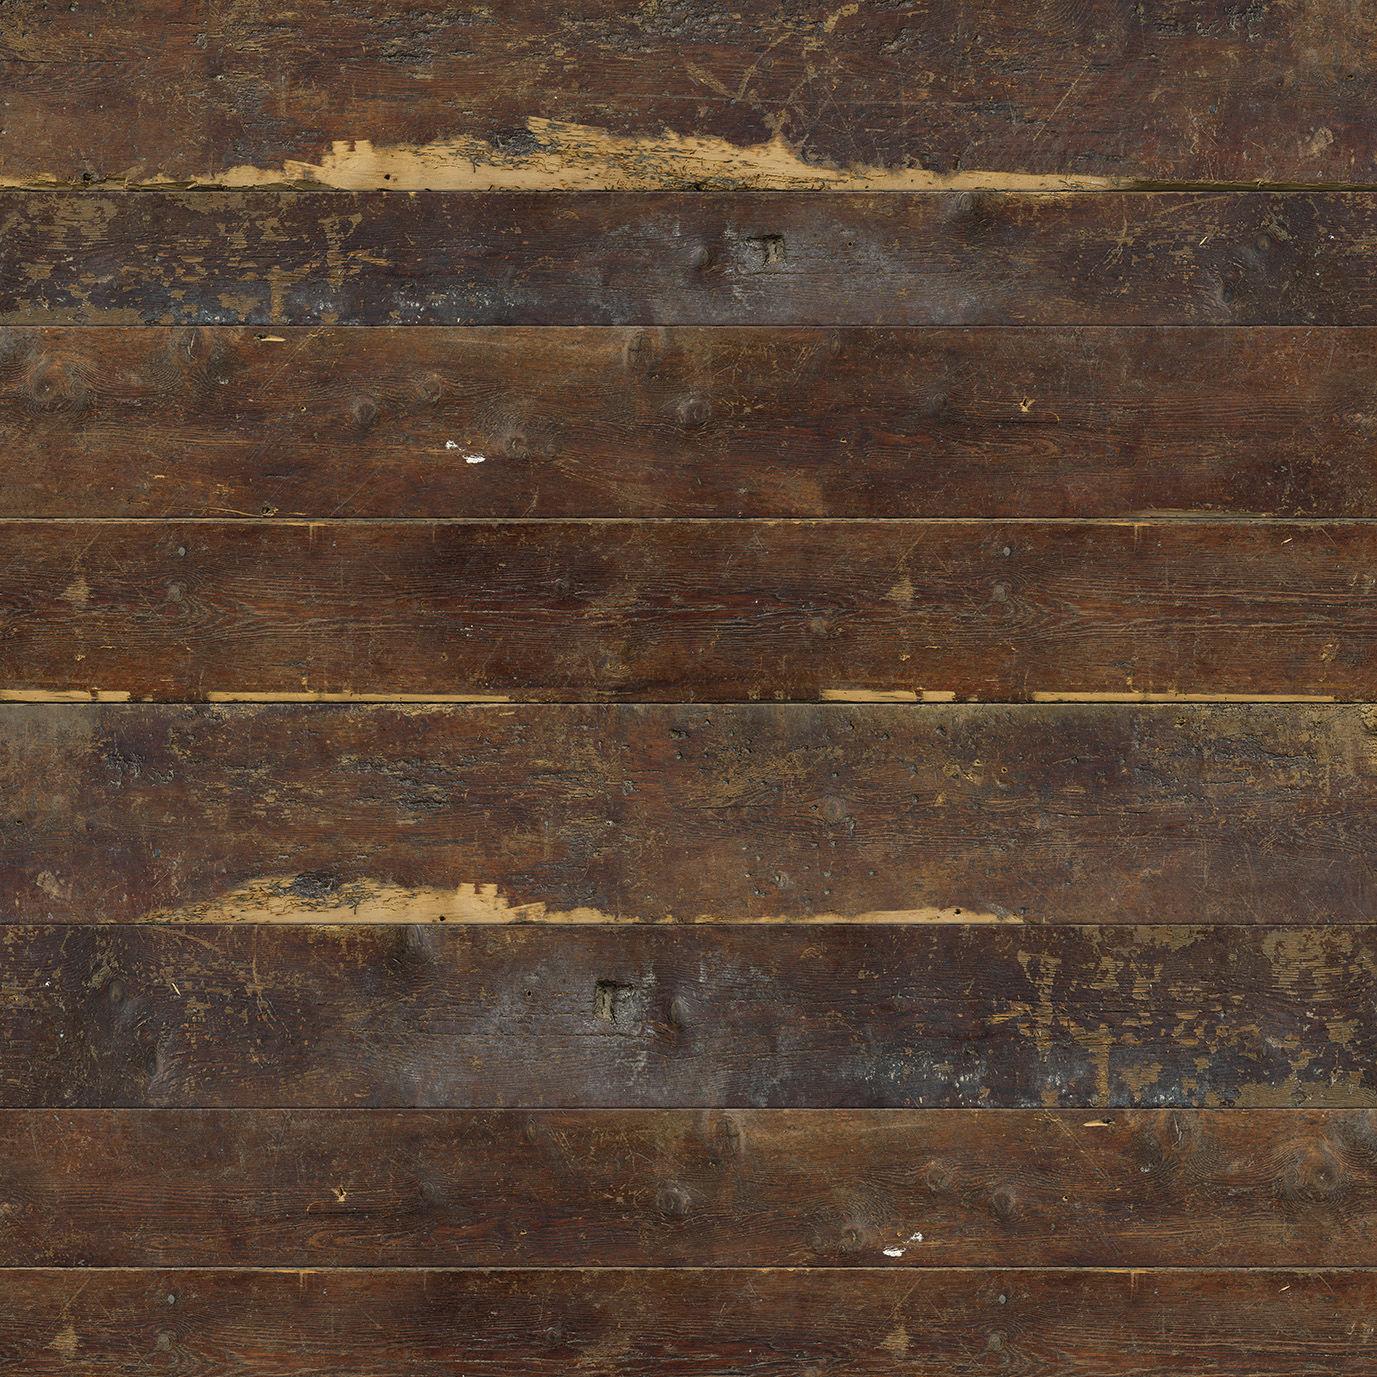 Holz Wandverkleidung Für Privatgebrauch Für Tertiärsektor